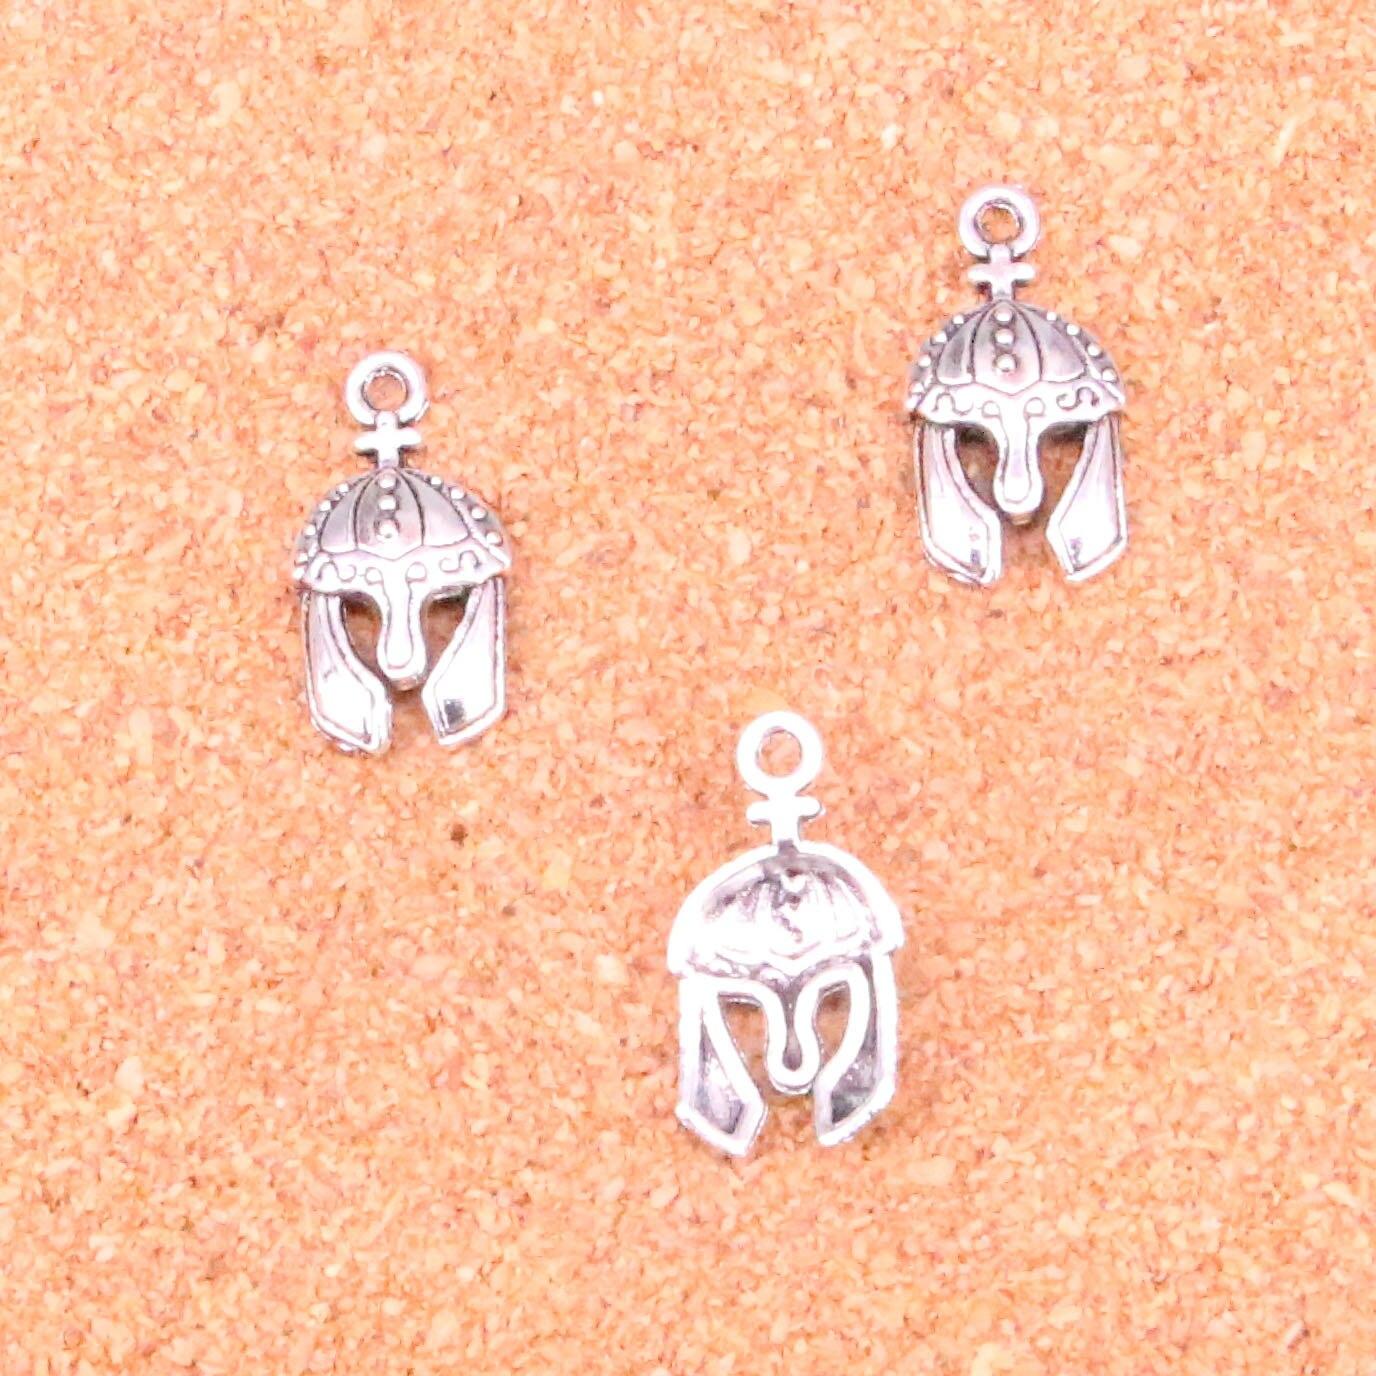 Mua 96 pcs Charms soldiers helmet,Antique Making pendant fit,Vintage Tibetan Silver,jewelry DIY bracelet necklace 24*12mm